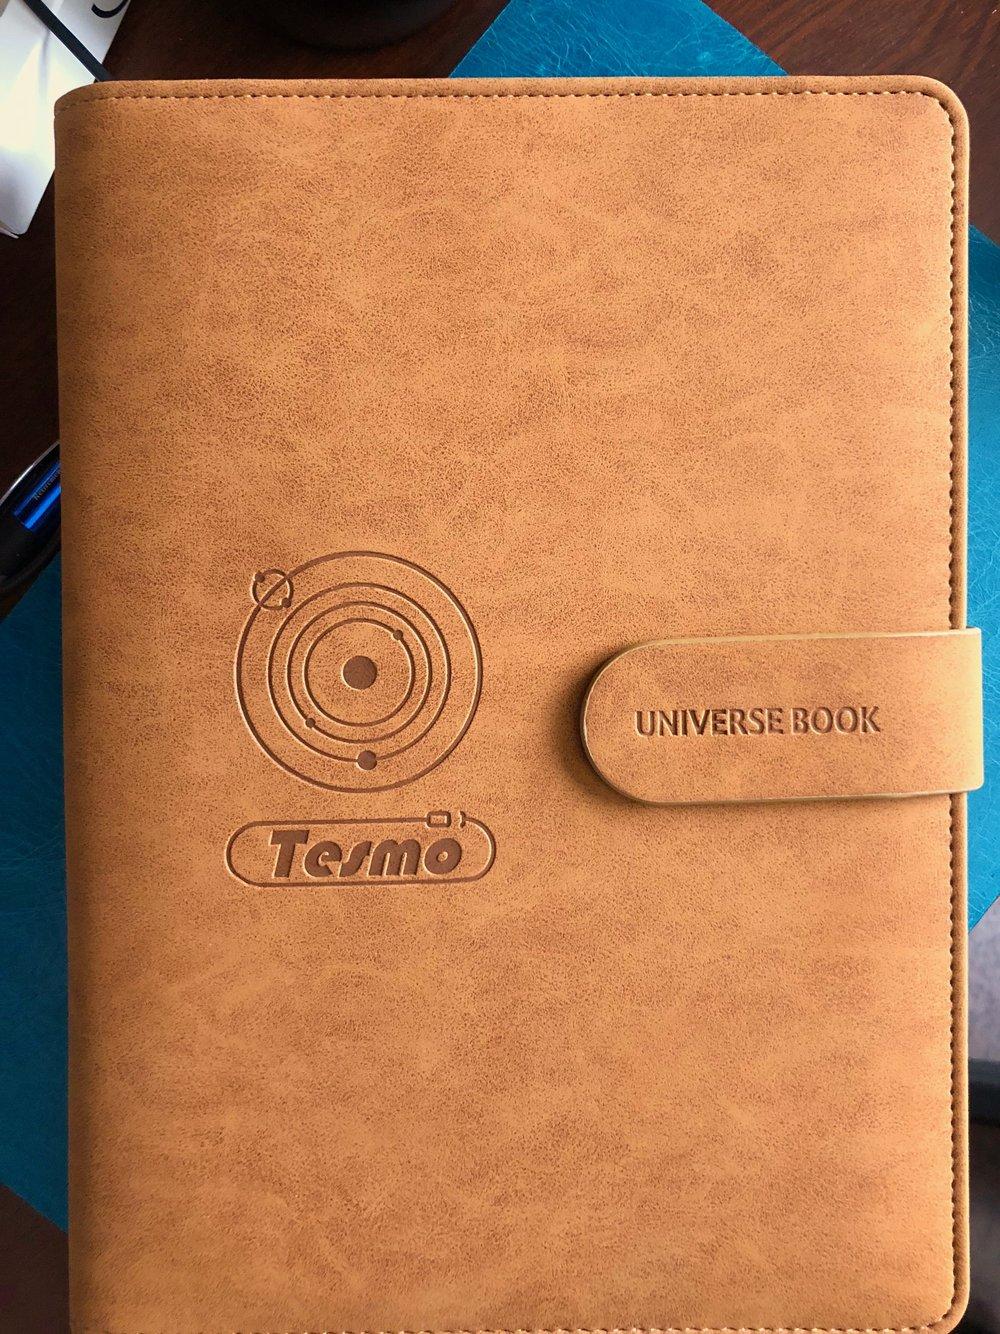 Tesmo Universebook